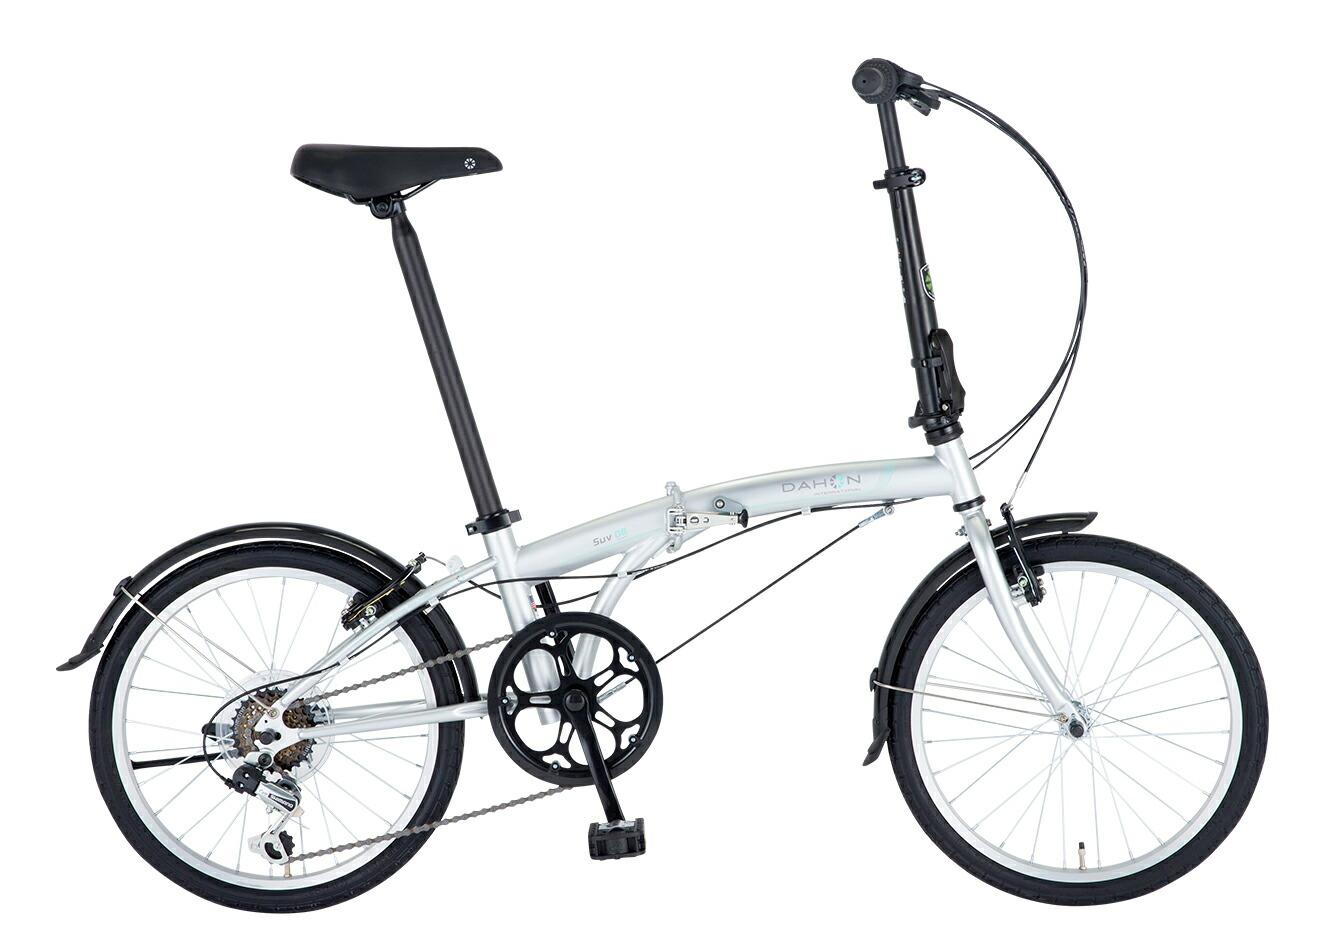 折りたたみ自転車 DAHON SUV D6 ダホン 自転車 20インチ 折りたたみ 外装6段変速ギア エスユーヴィー D6 Matt Silver マットシルバー ギア付 通販 おしゃれ